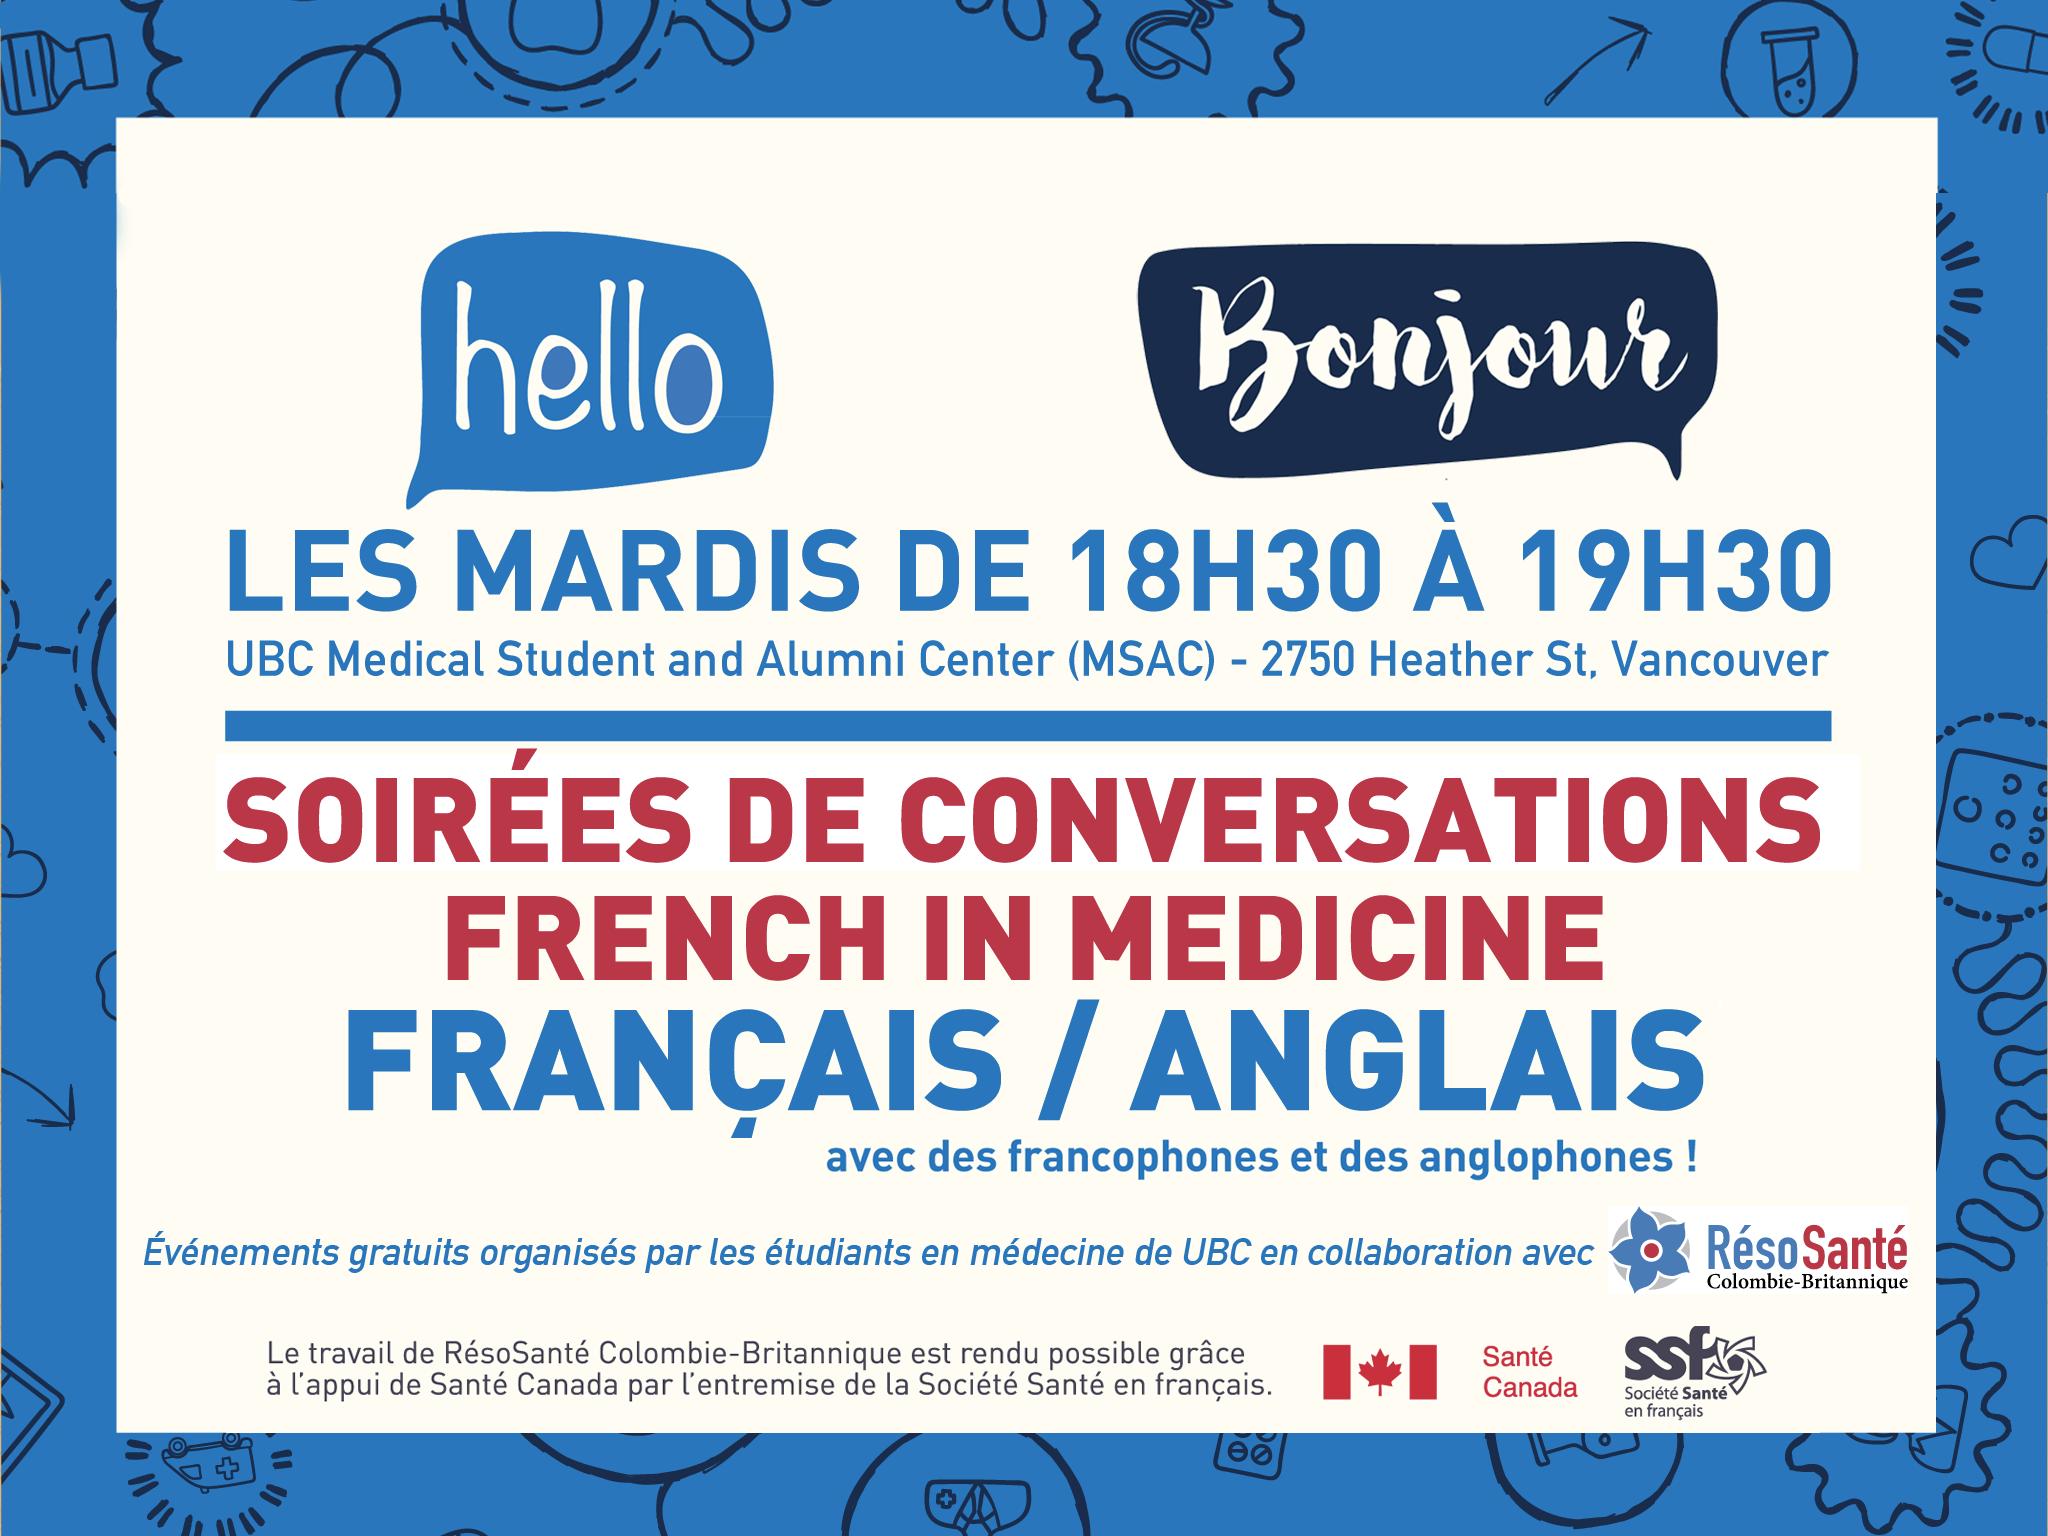 Soirée de conversation French in Medicine